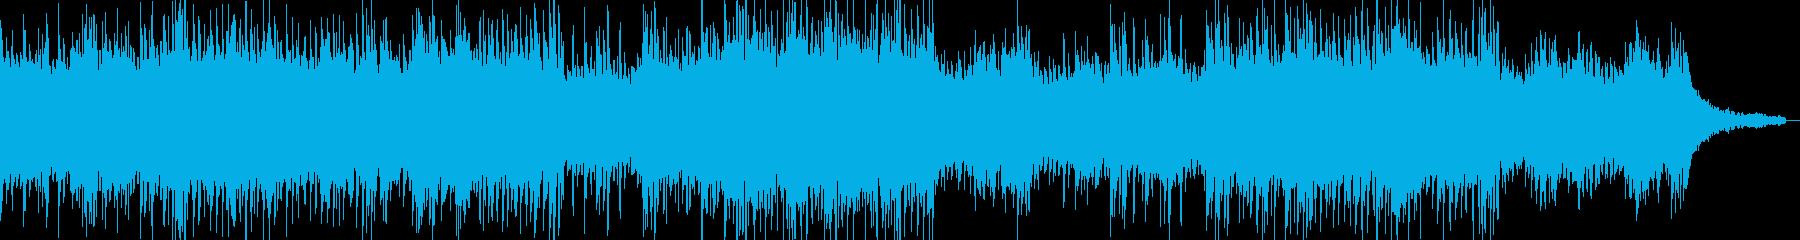 ピアノのリフで始まるハウス系サウンドの再生済みの波形